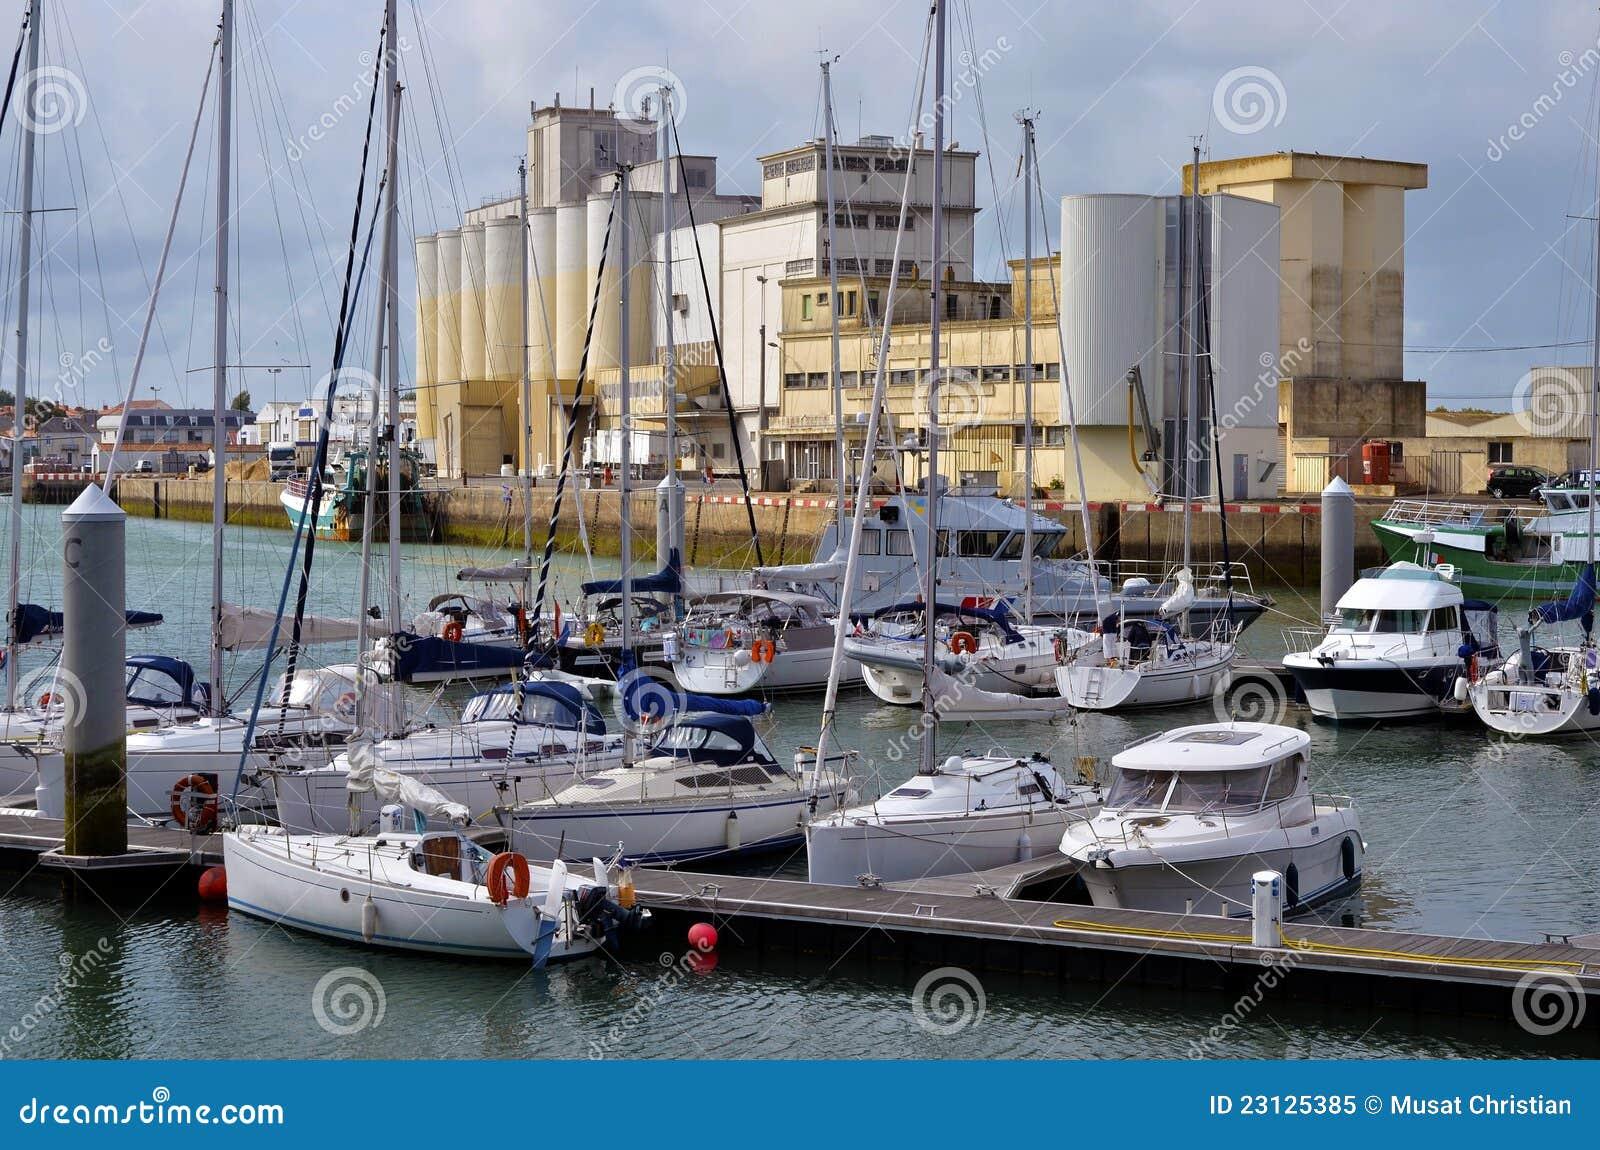 Port of les sables d 39 olonne in france royalty free stock - Restaurant le port les sables d olonne ...